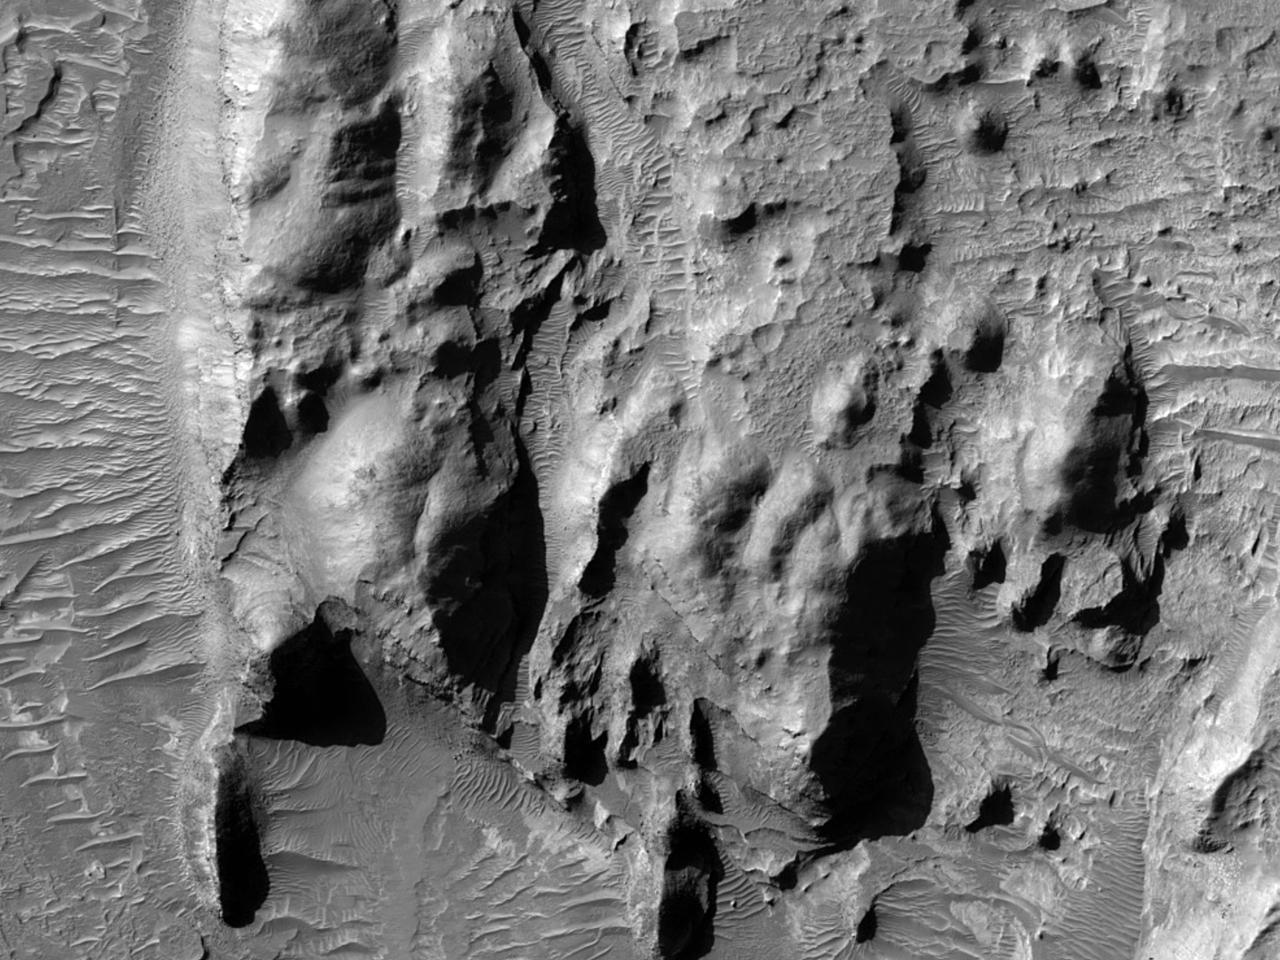 طبقة صخرية مكشوفة في فوهة ميلوشو (Millochau Crater)